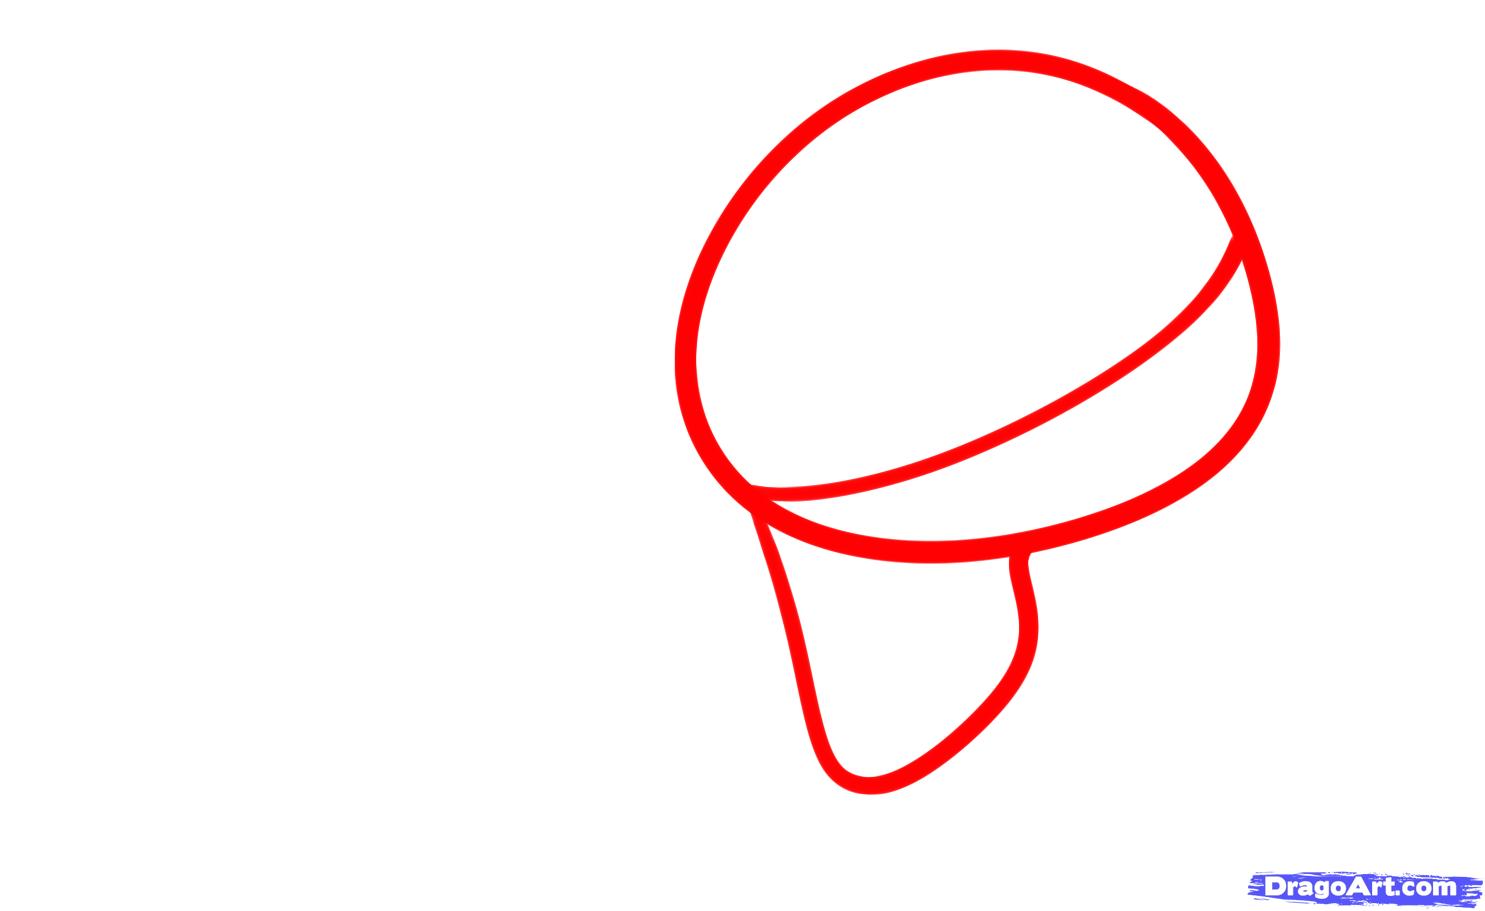 Как нарисовать череп с розой четками и крестом на бумаге карандашом